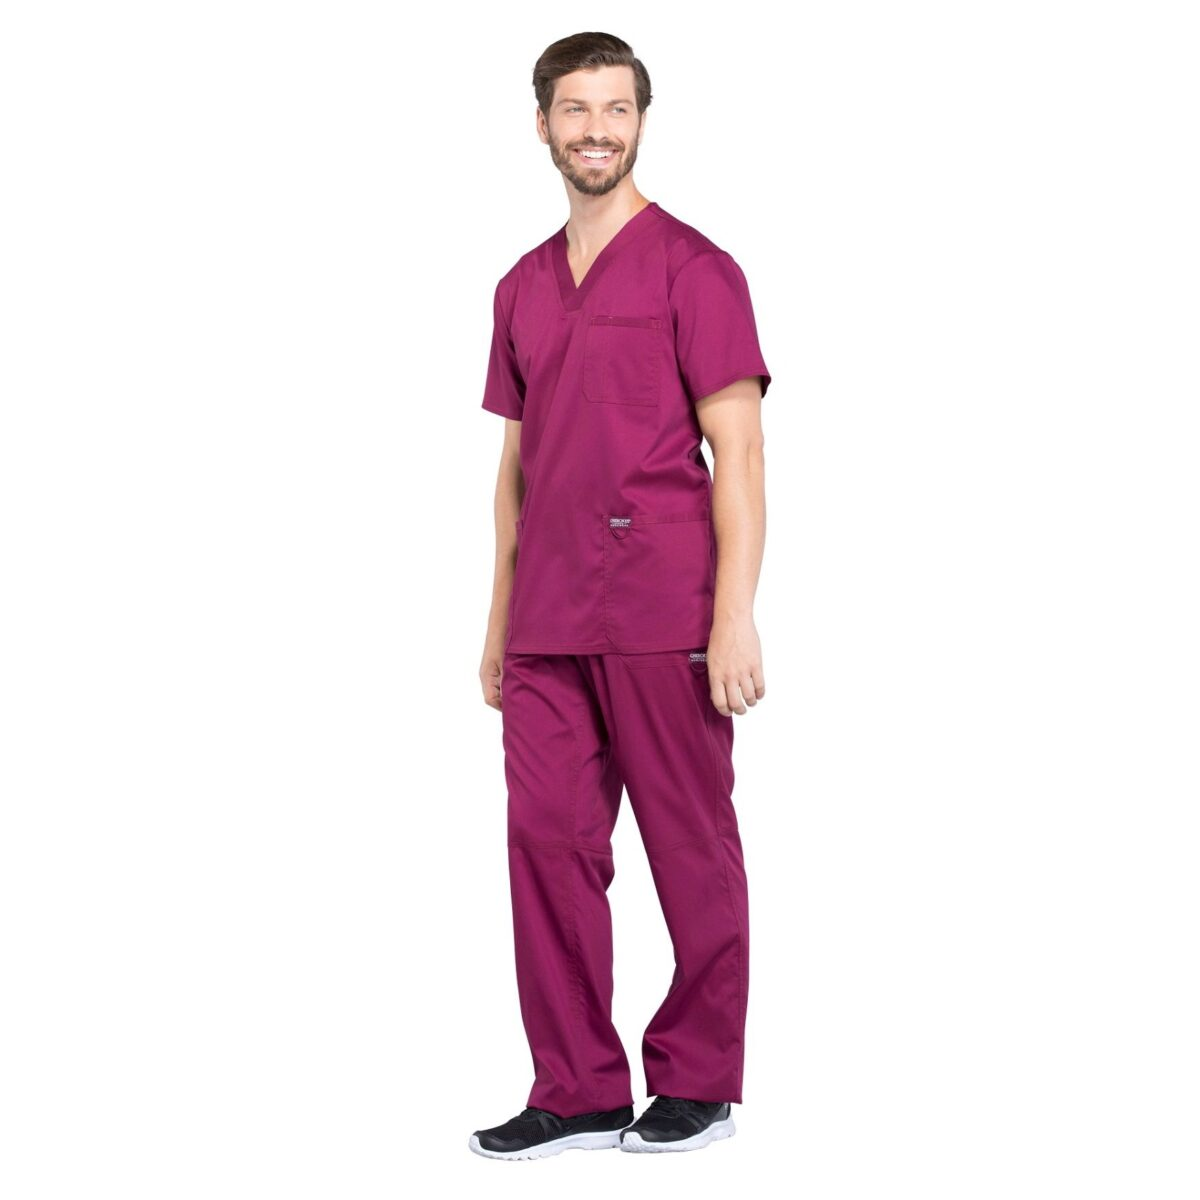 Мужской медицинский костюм Revolution цвет т. розовый